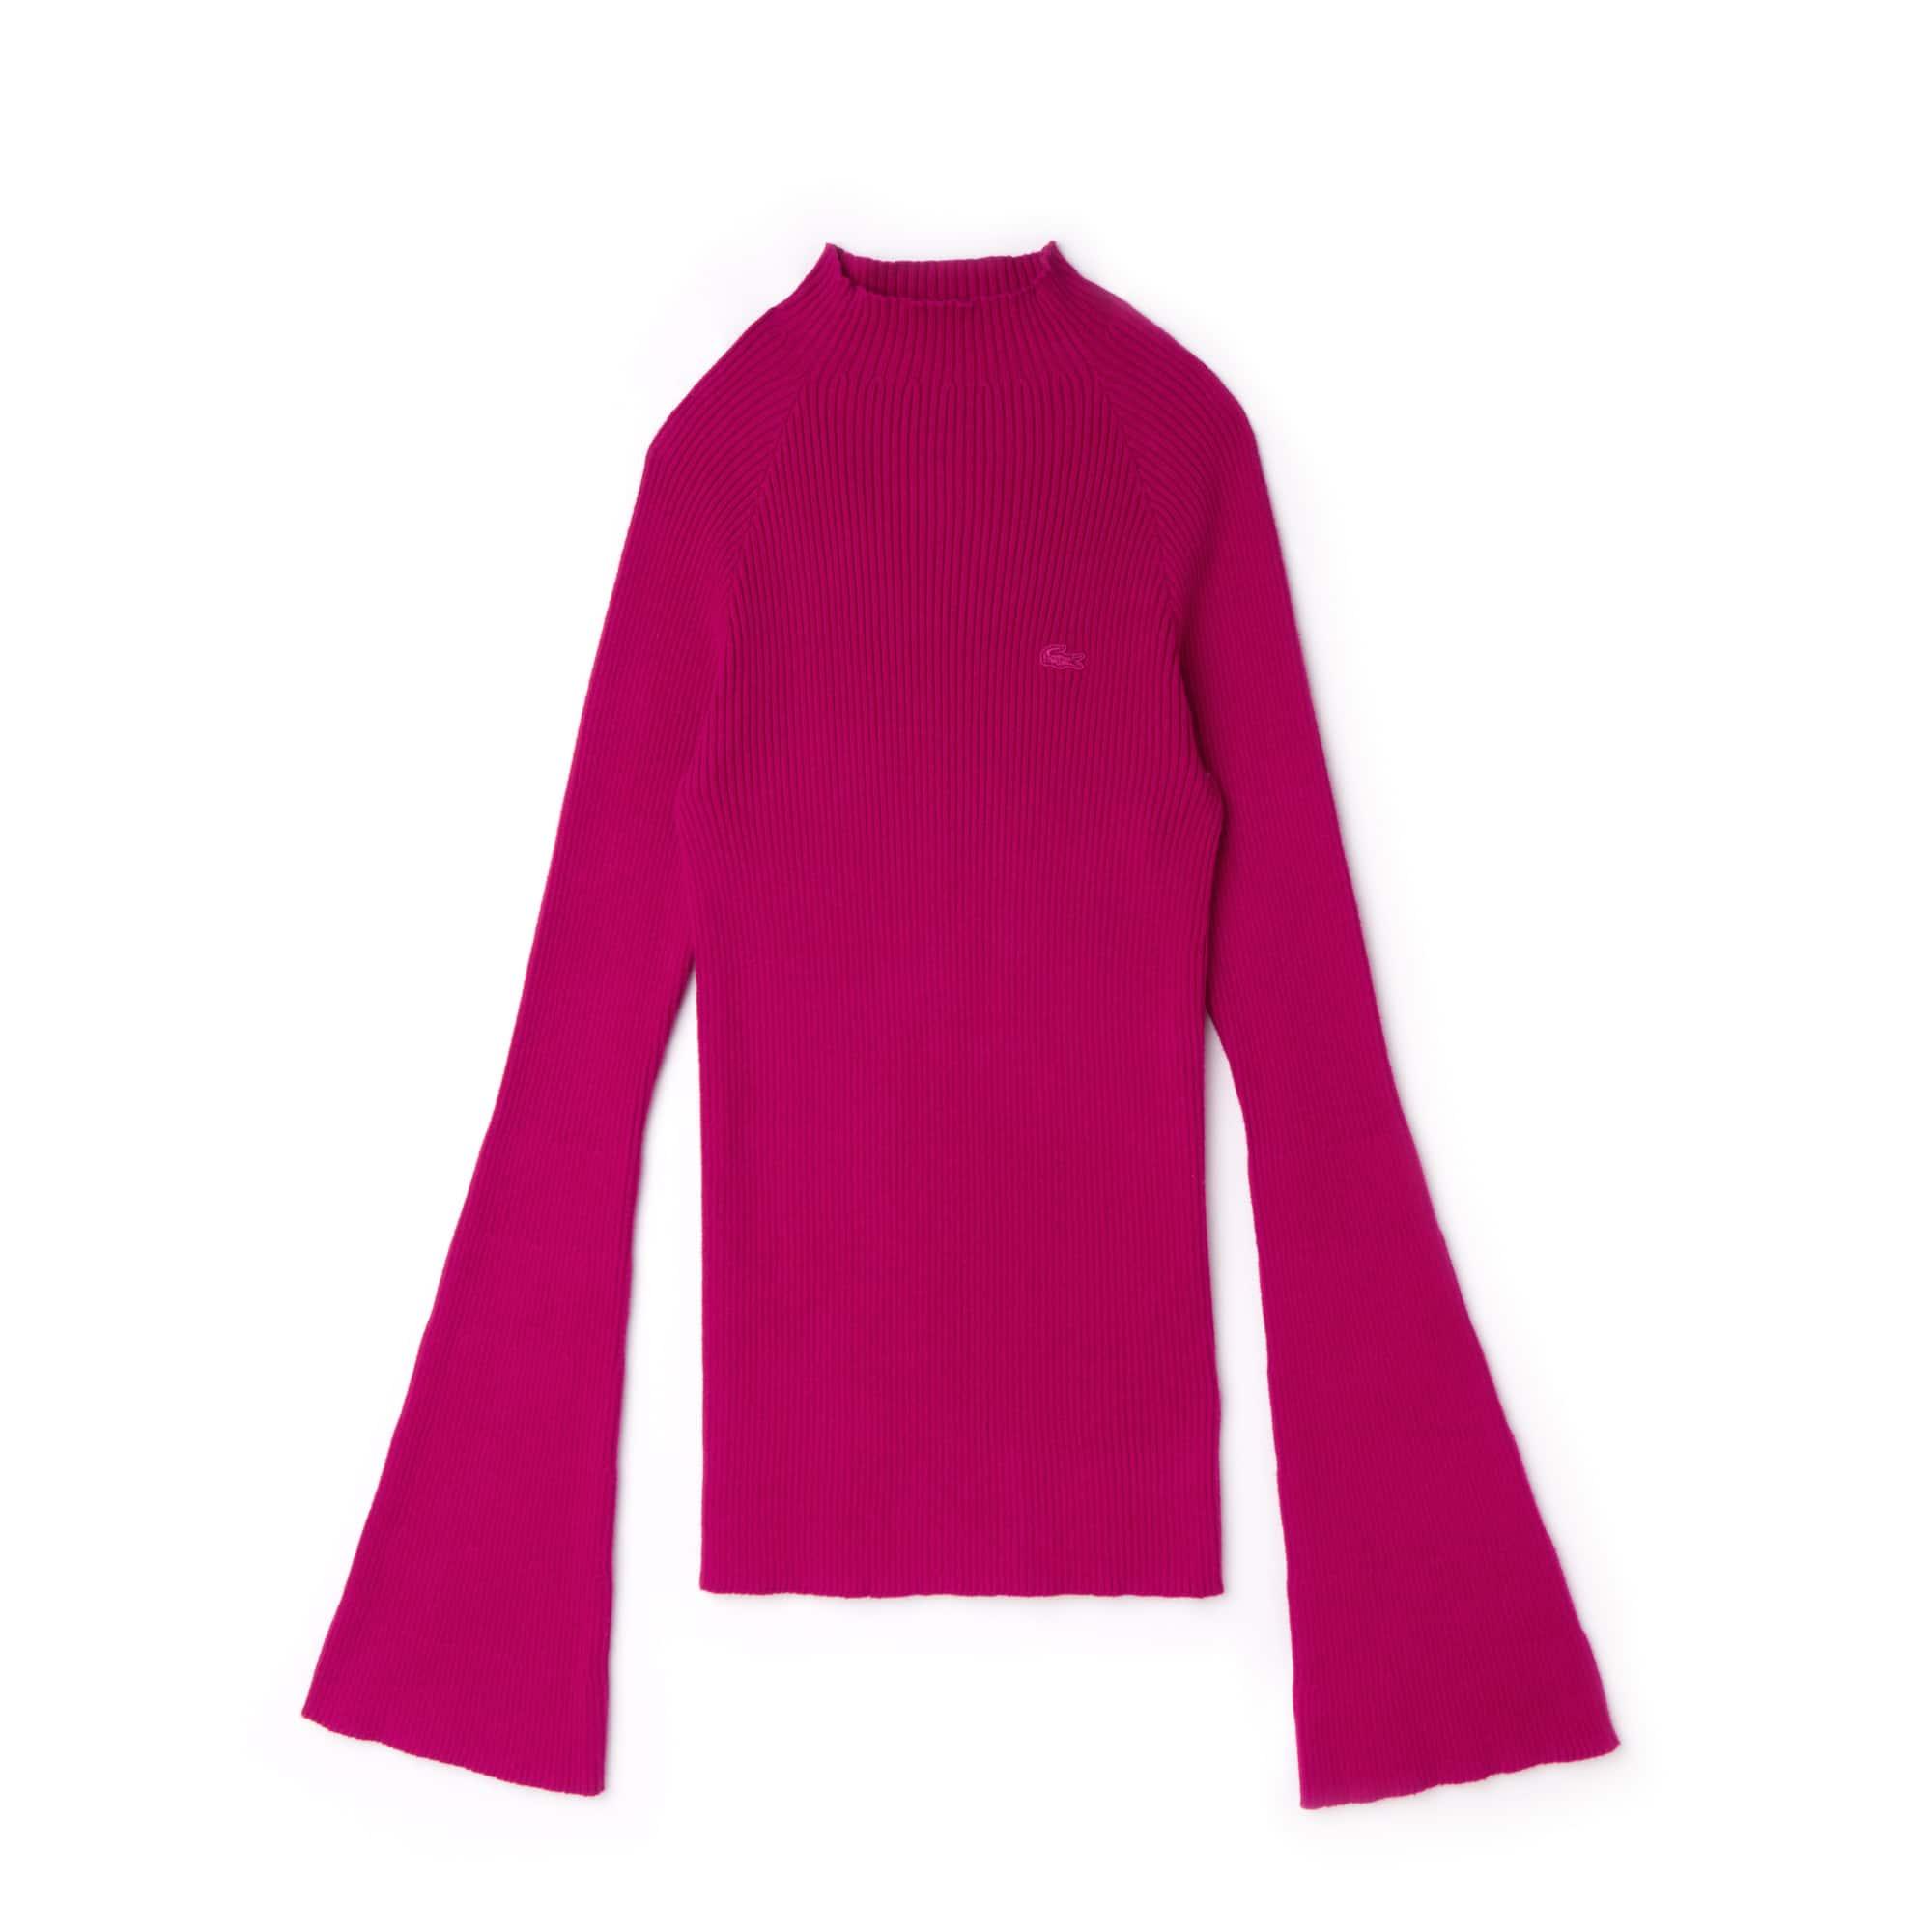 Damen LACOSTE L!VE Pullover aus Baumwolle und Cashmere